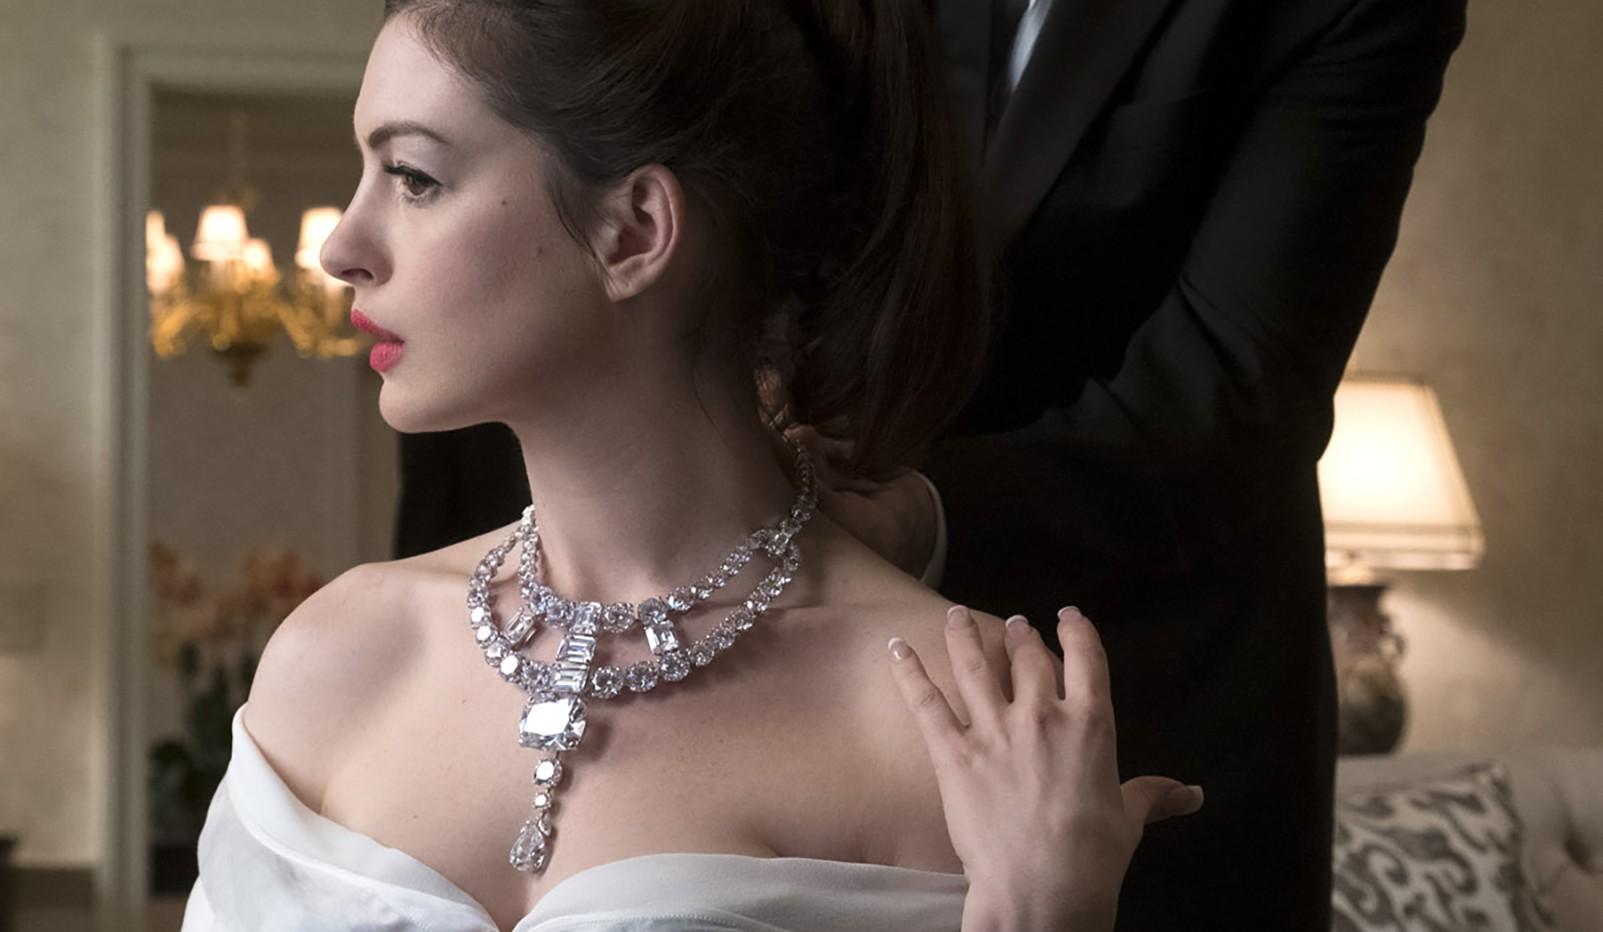 《瞞天過海:八面玲瓏》即將上映,女賊們能成功竊取傳奇的卡地亞Jeanne Toussaint 項鍊嗎?